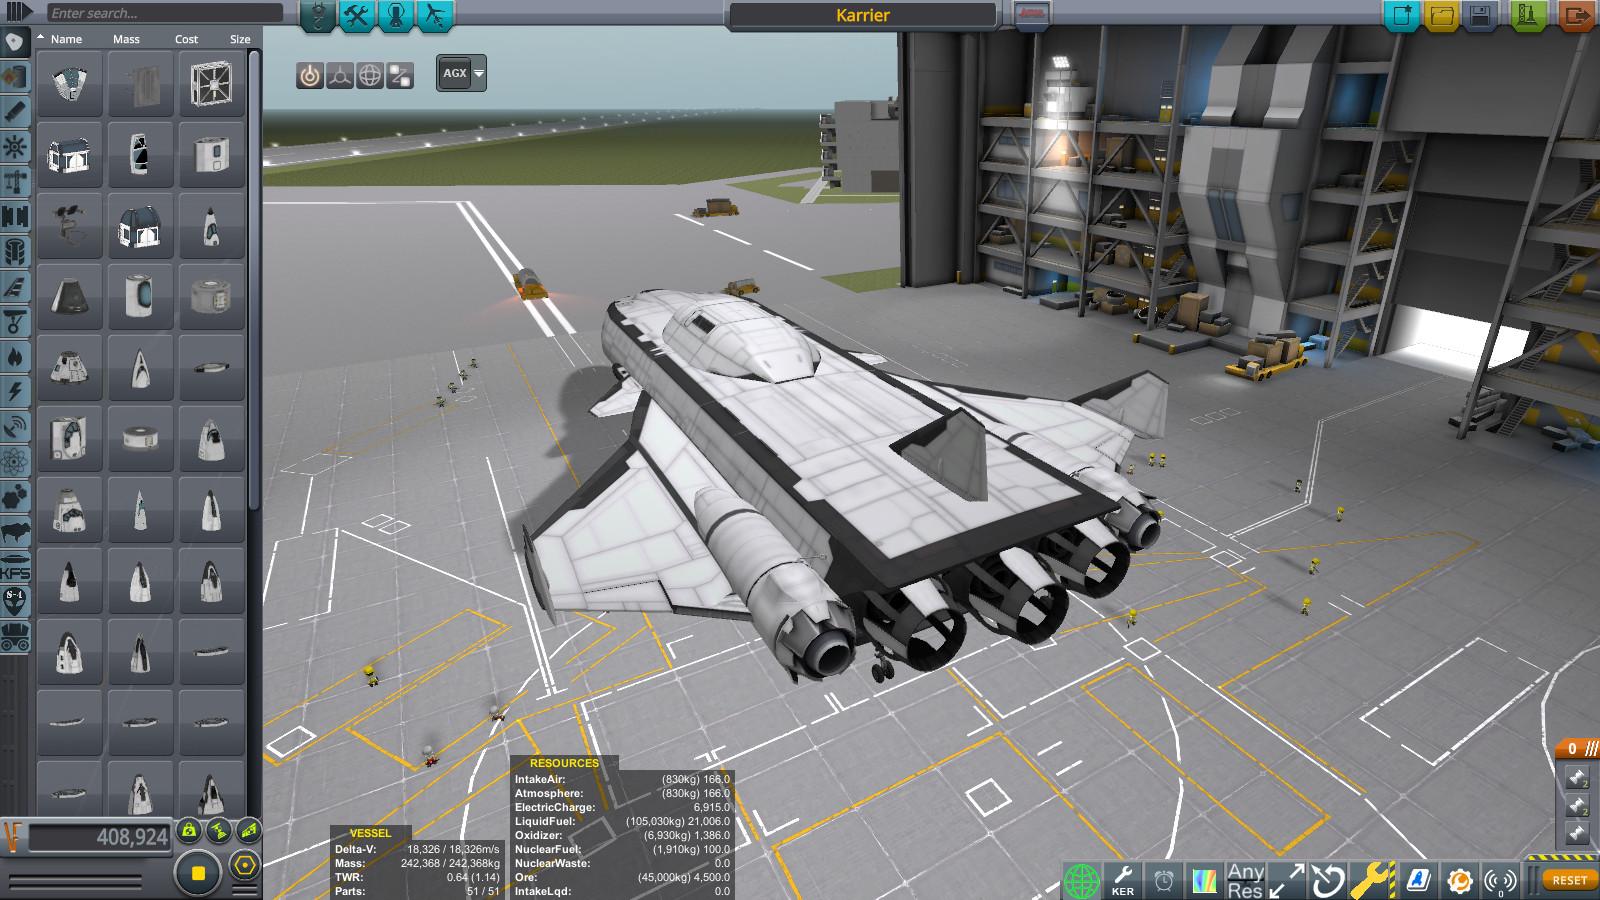 Honeyview_screenshot336.jpg